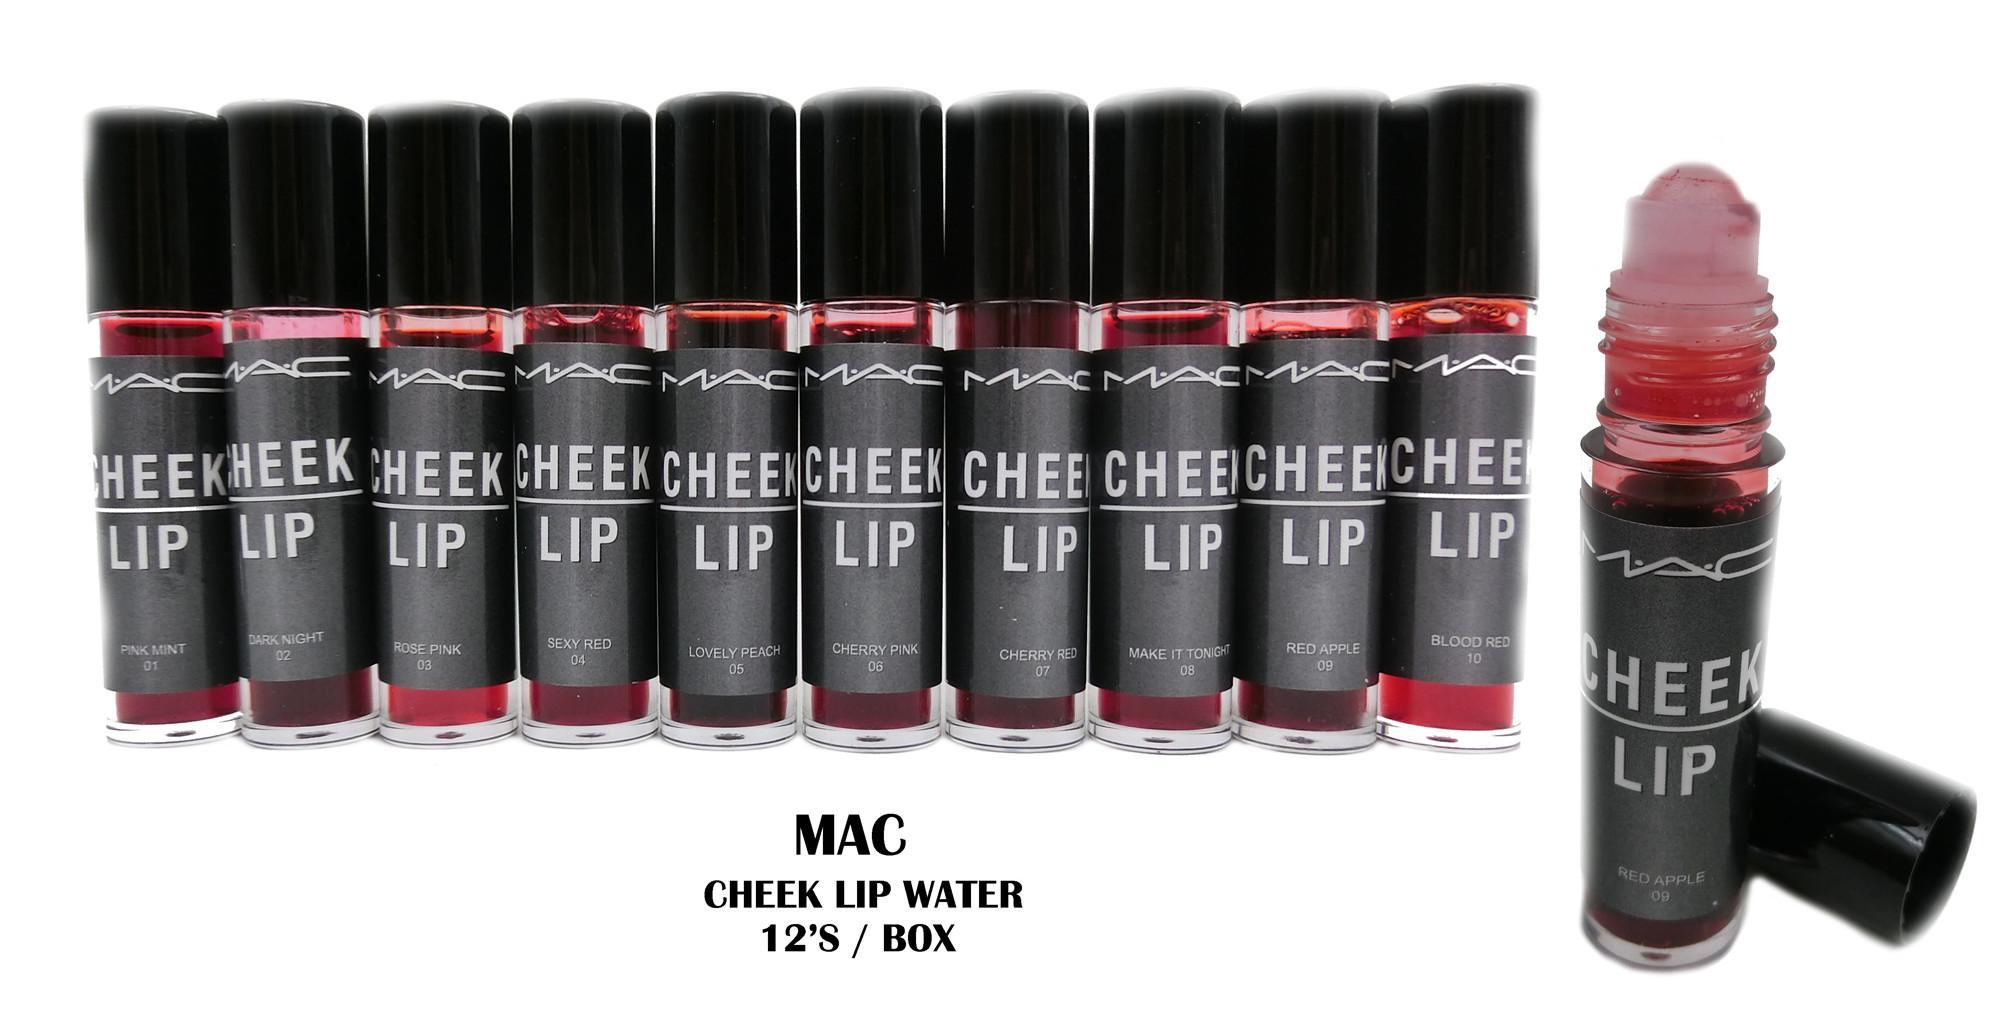 M.A.C CHEECK LIP